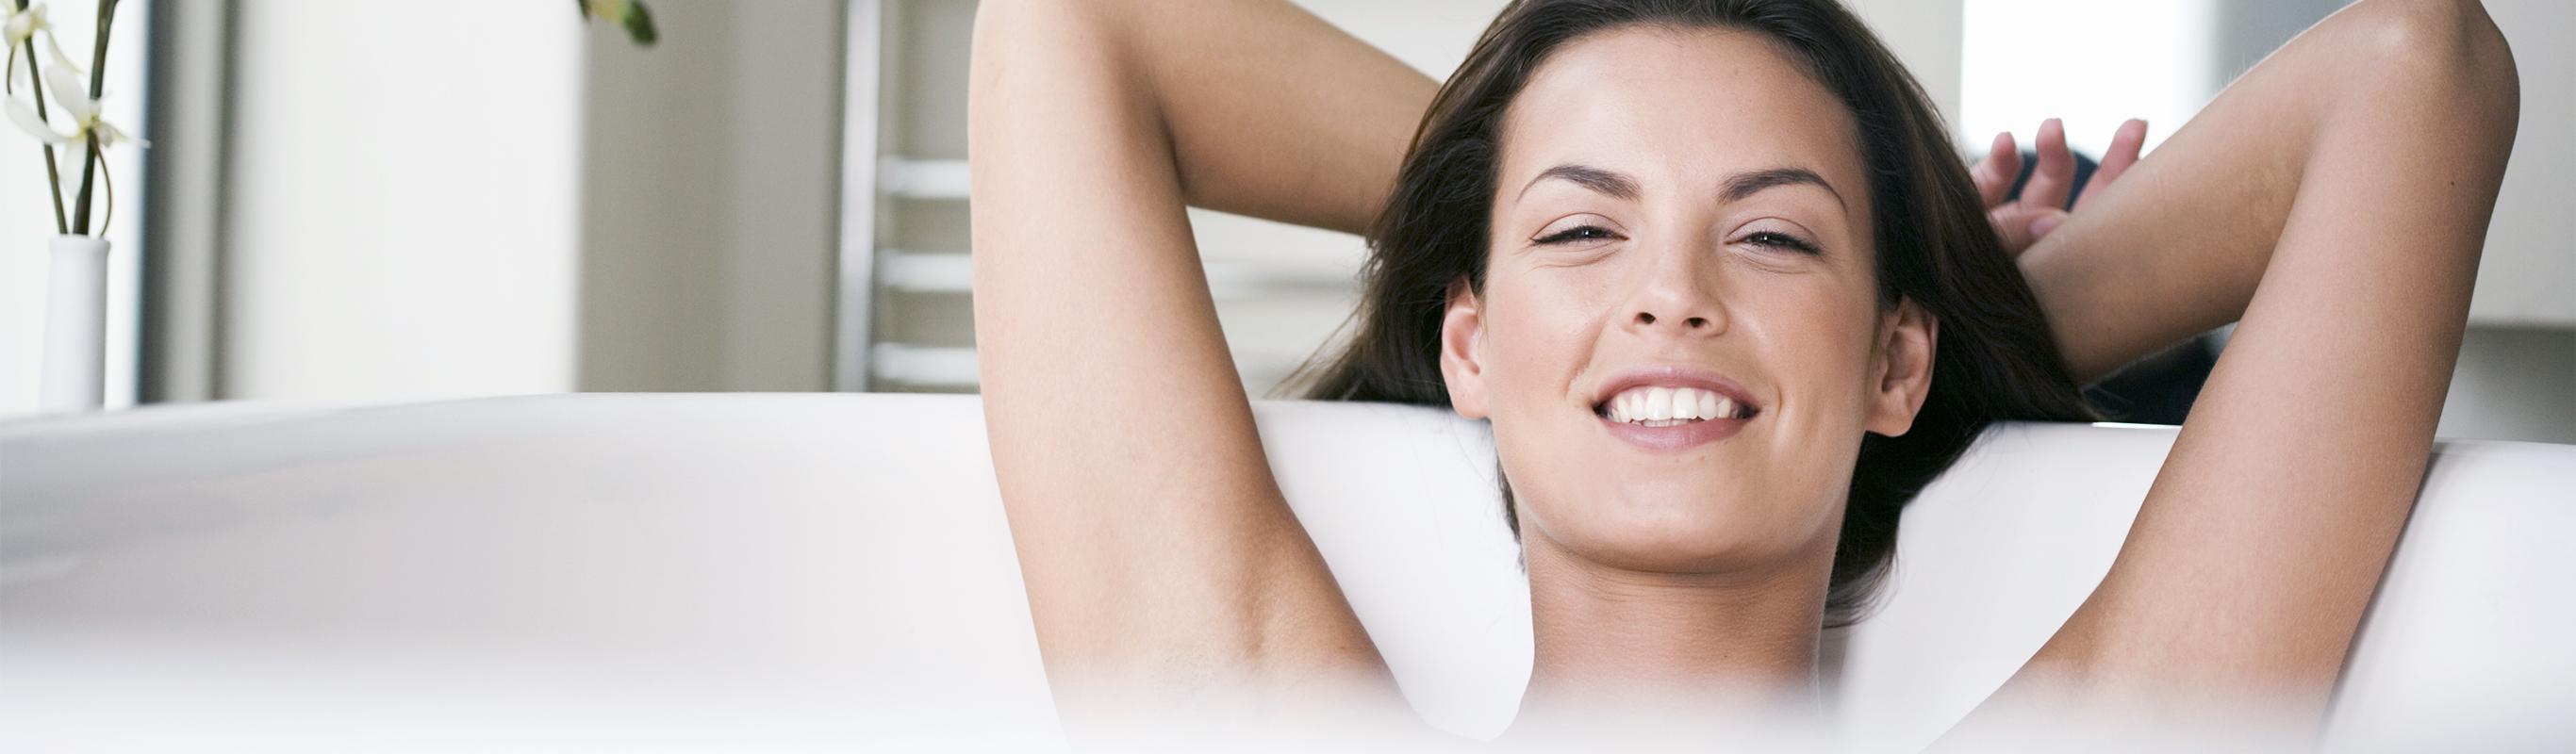 Mit Badsanierung Ihren Badekomfort verbessern